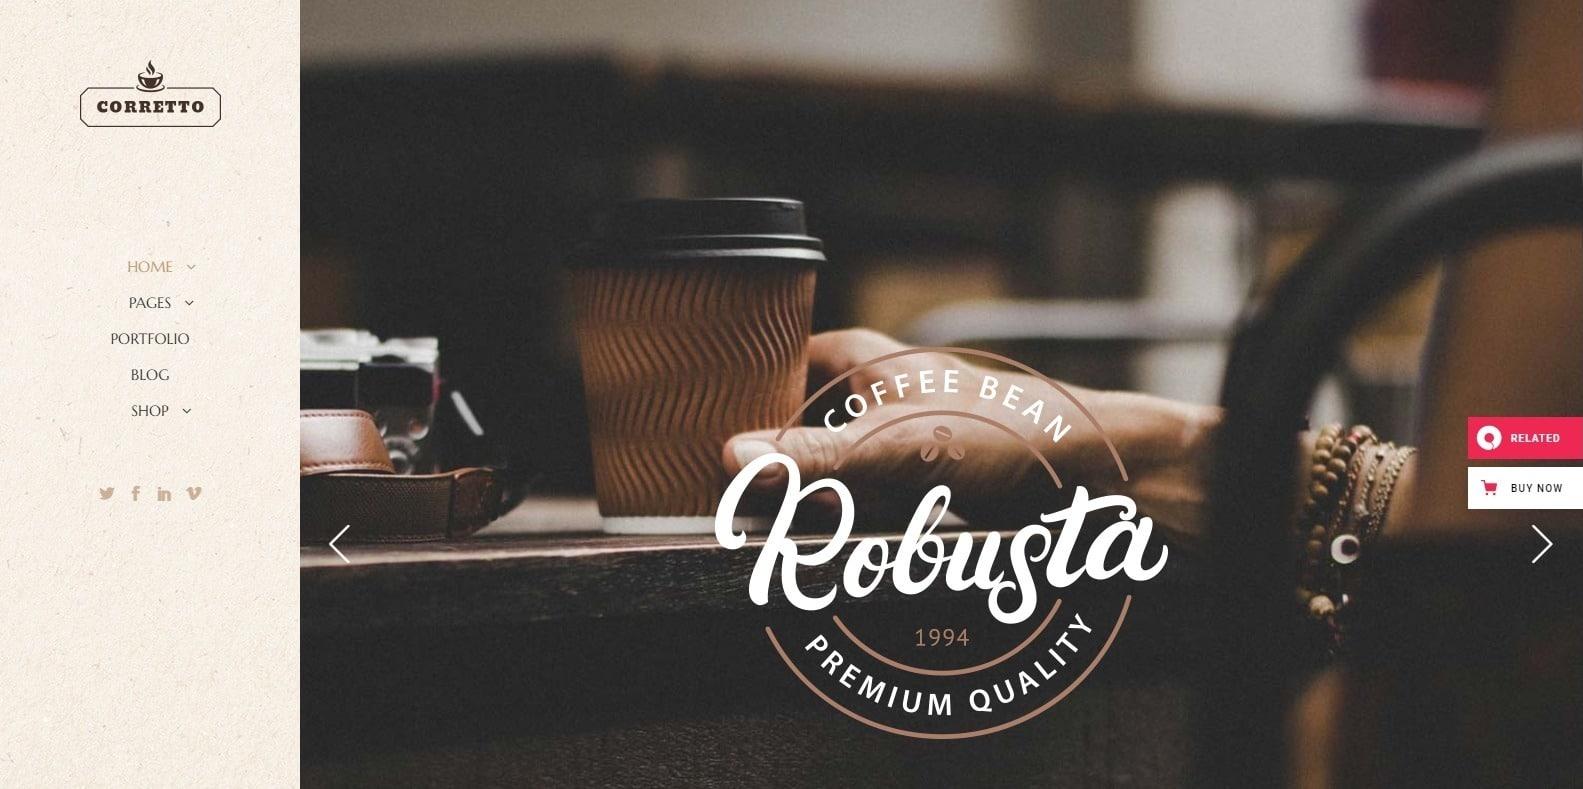 corretto-coffee-shop-website-template